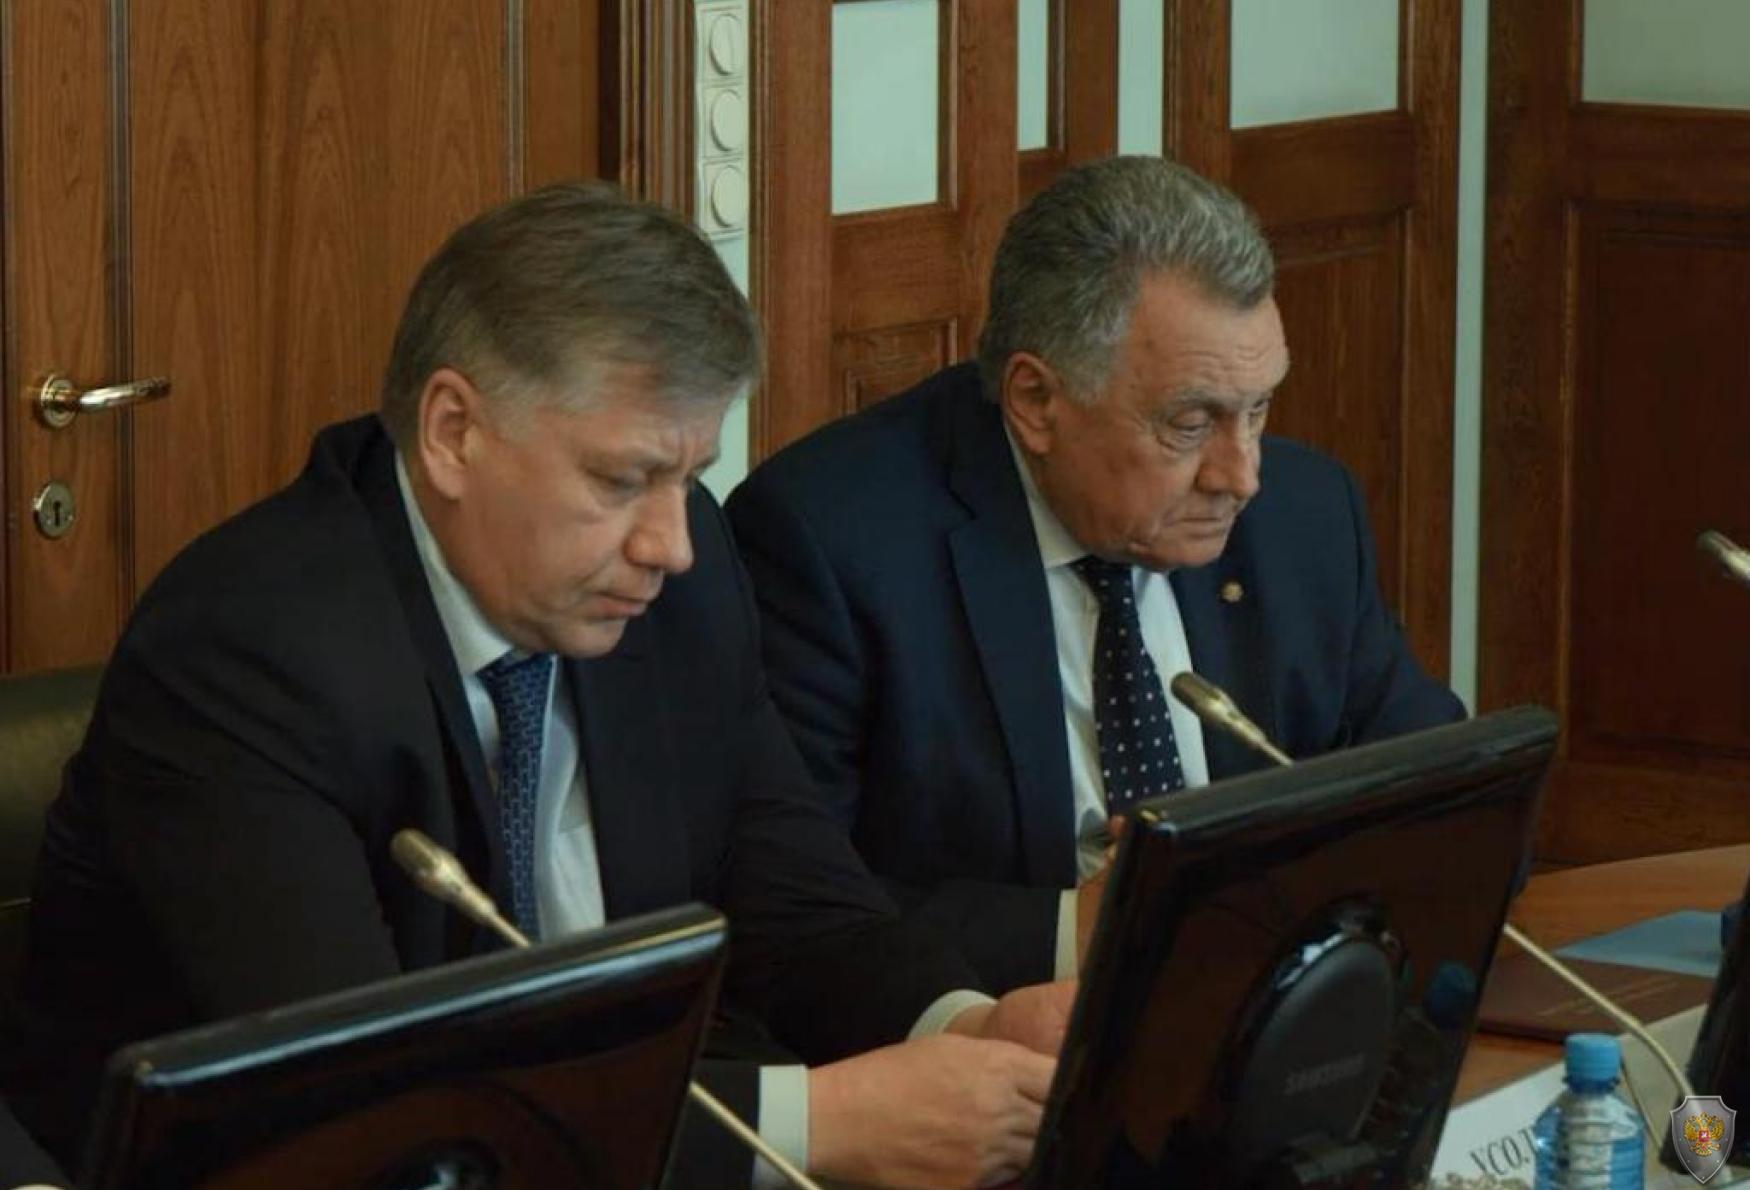 Интерес участников заседание вызвал вопрос исполнения органами исполнительной власти края полномочий, установленных 35-фз от 06.03.06 г.